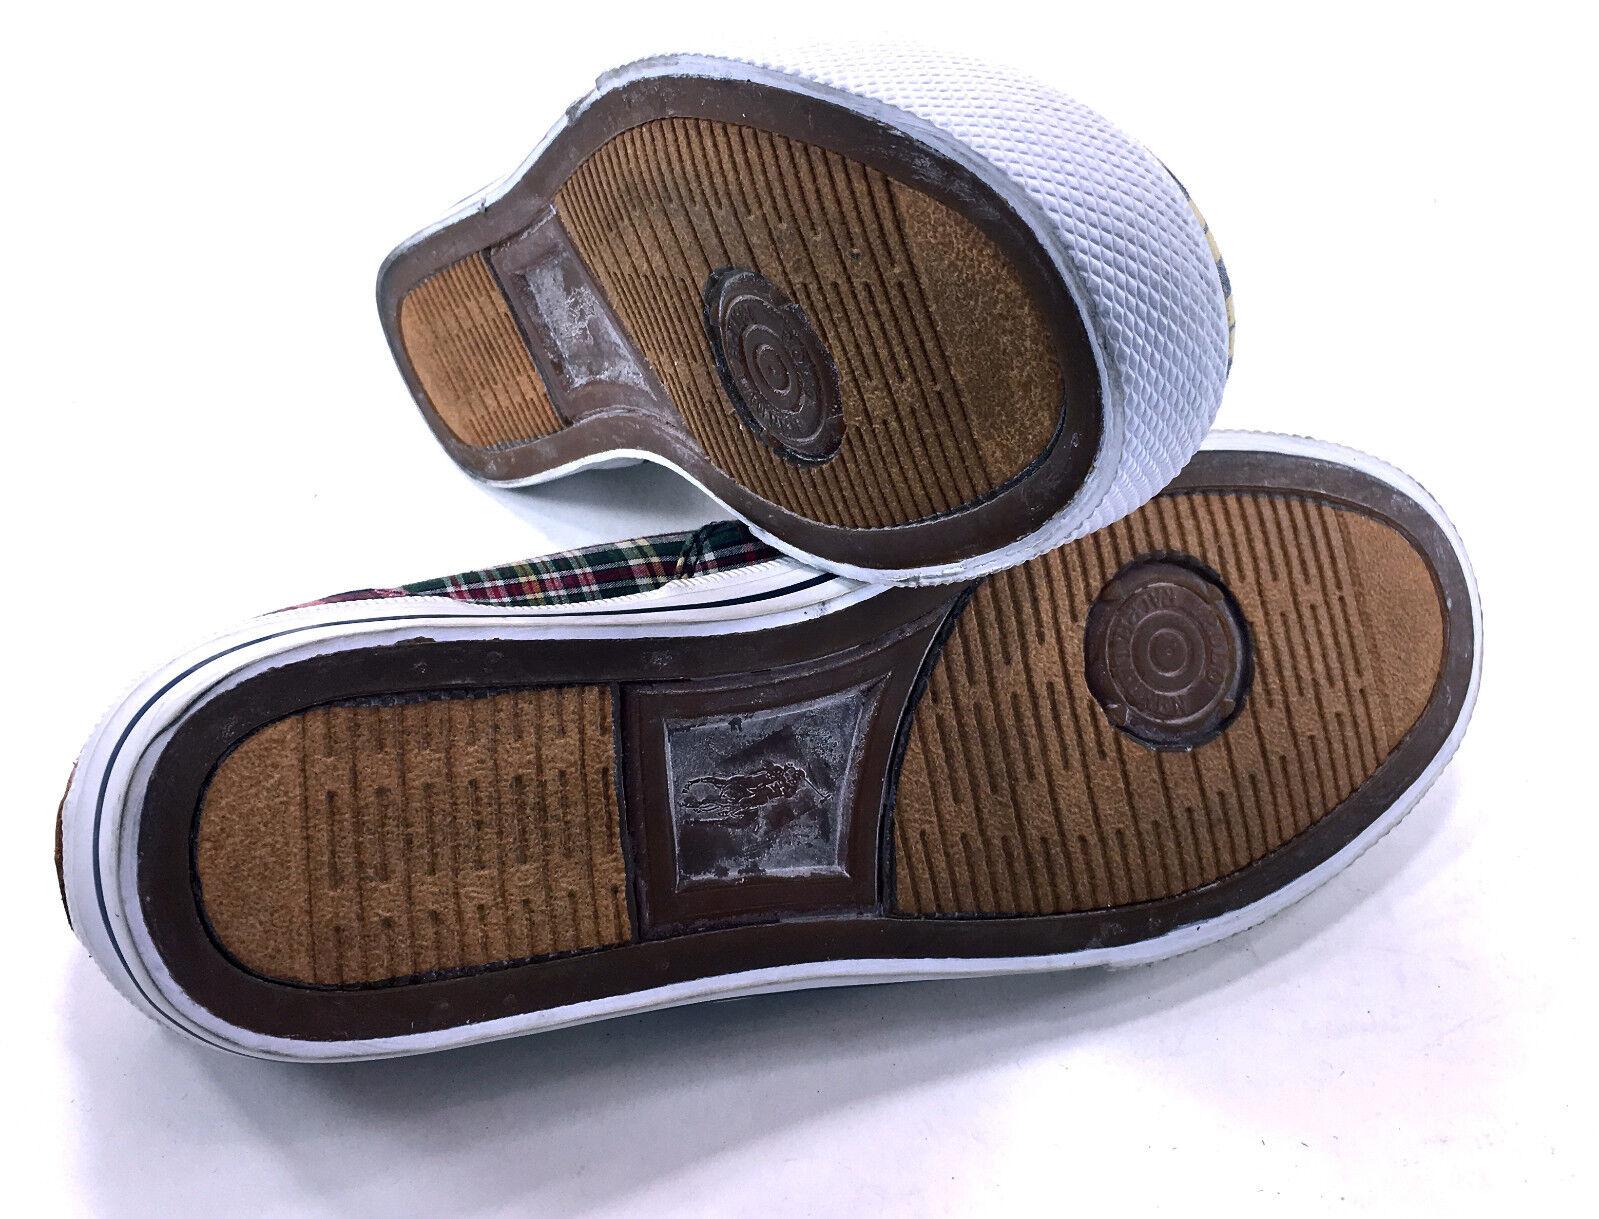 Chaussures Lauren De Baskets Polo Les Sport En Ralph 4zwqBSC